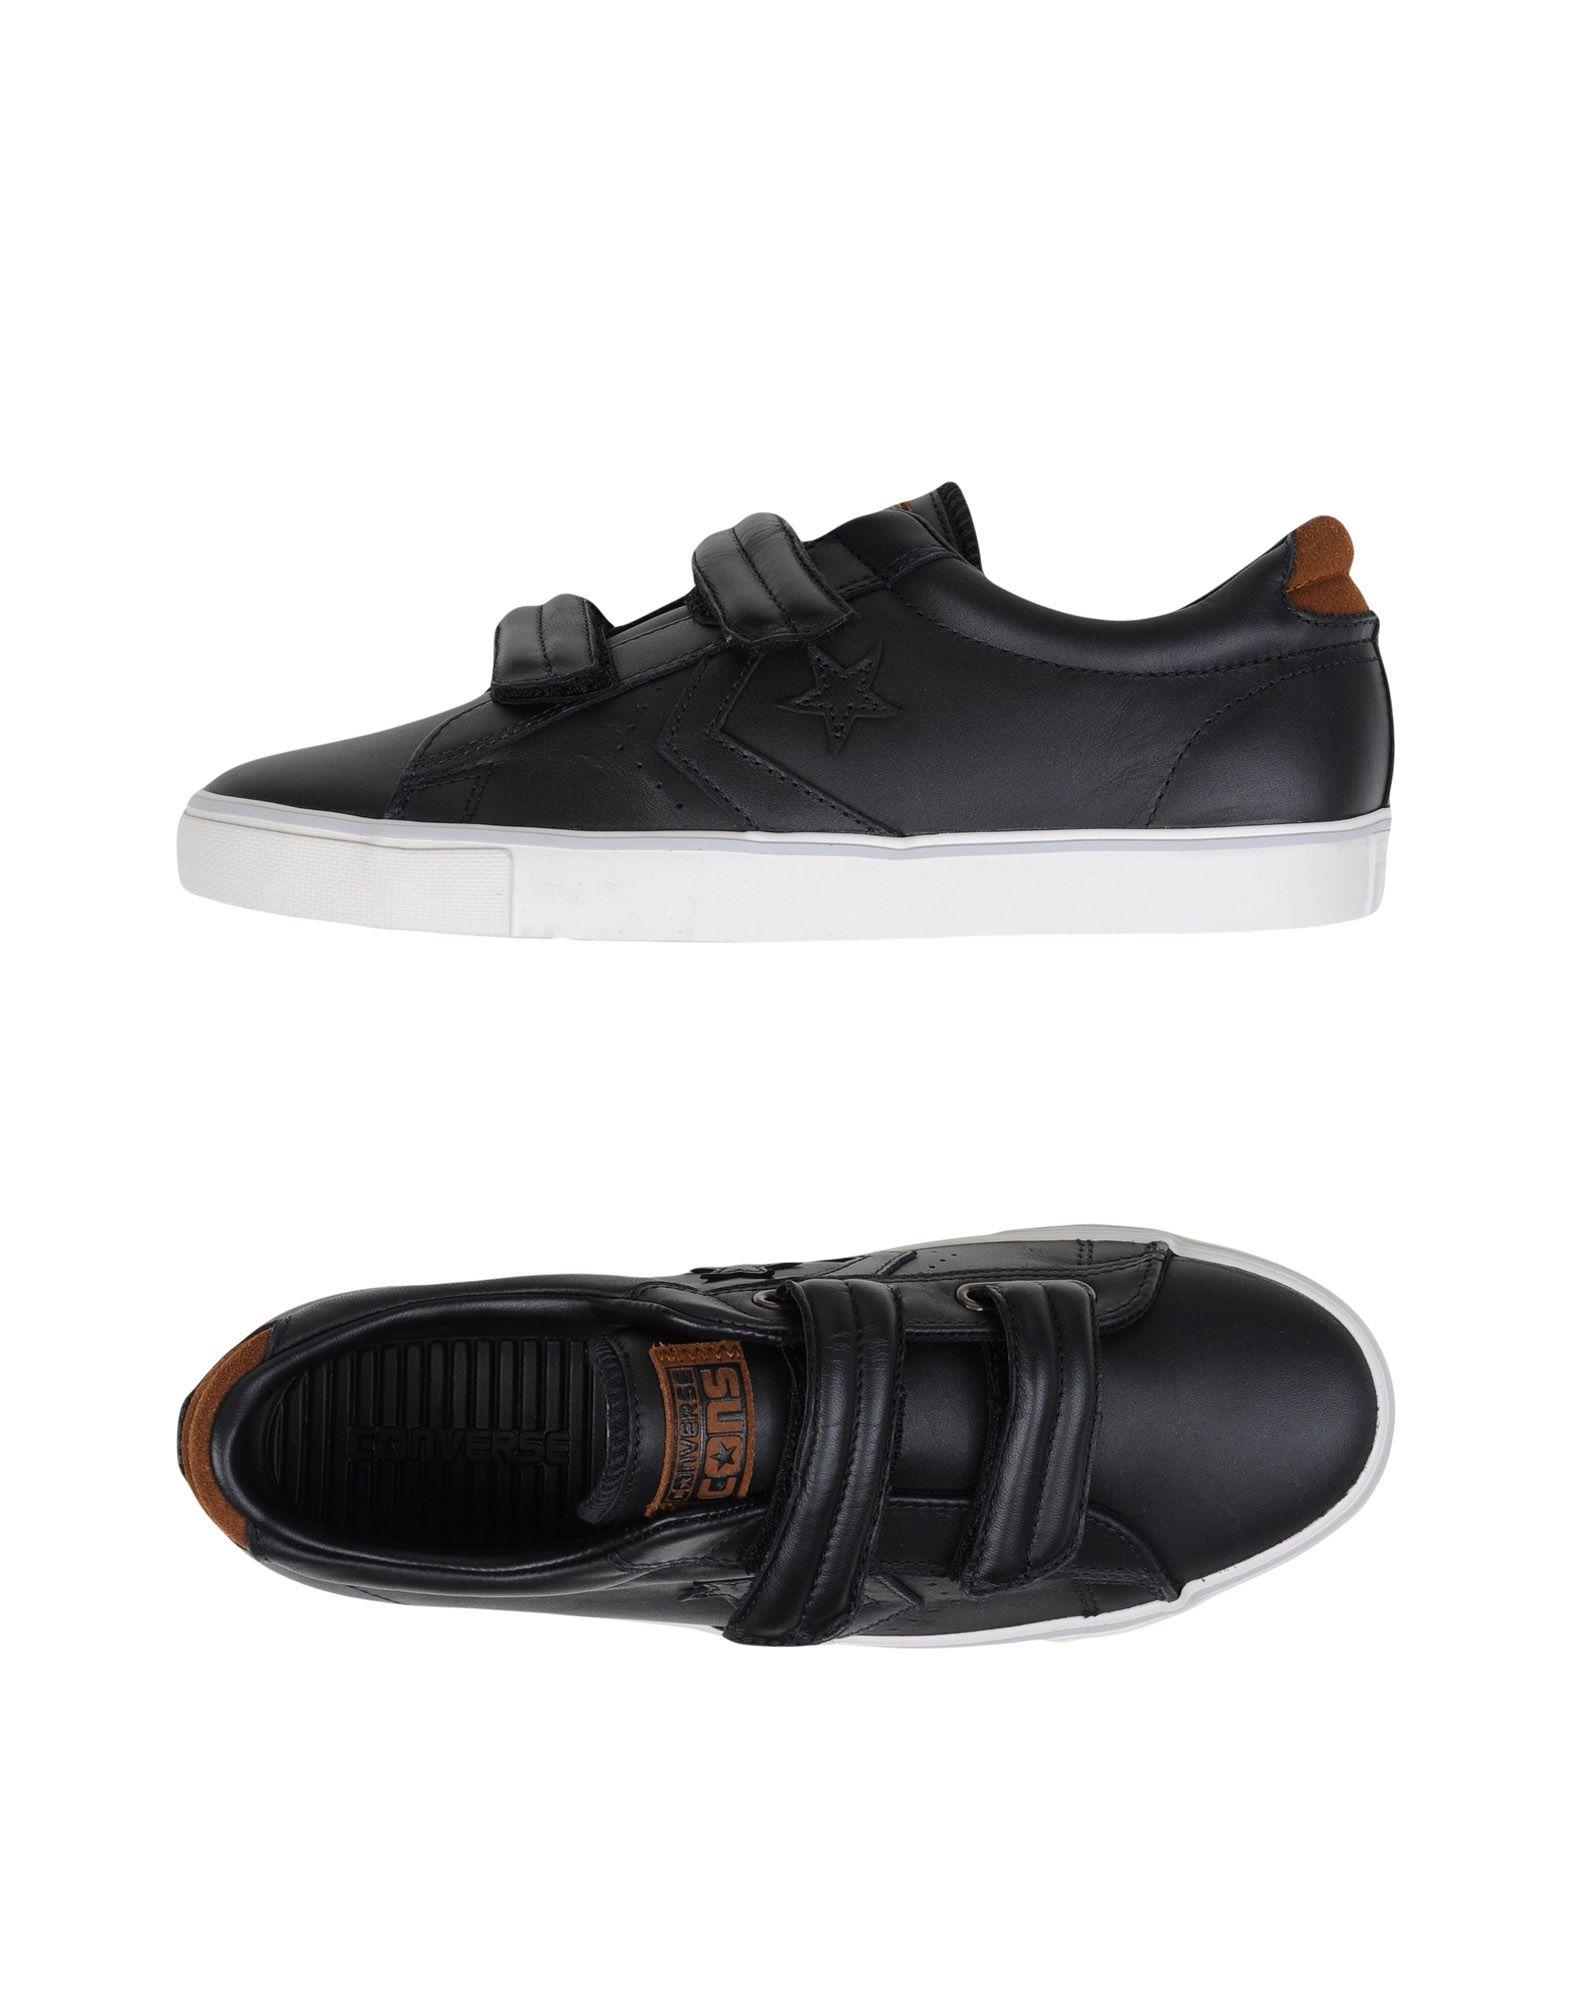 Scarpe da Ginnastica Converse Cons Leather Pro Leather Vulc Strap Leather Cons - Uomo - 11114117RB 26c109